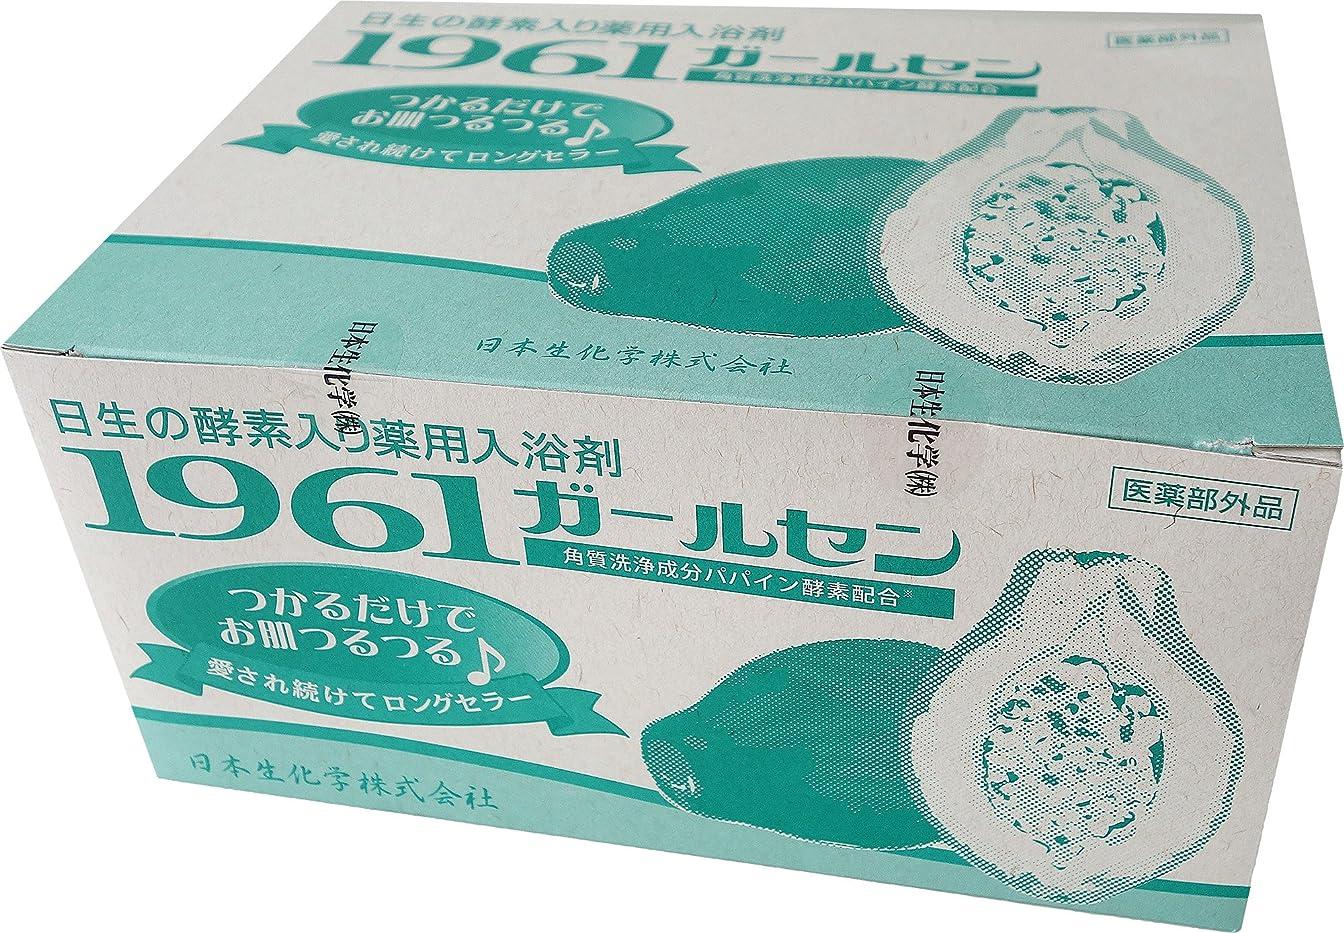 失礼国際マディソンパパイン酵素配合 薬用入浴剤 1961ガールセン 60包 [医薬部外品]